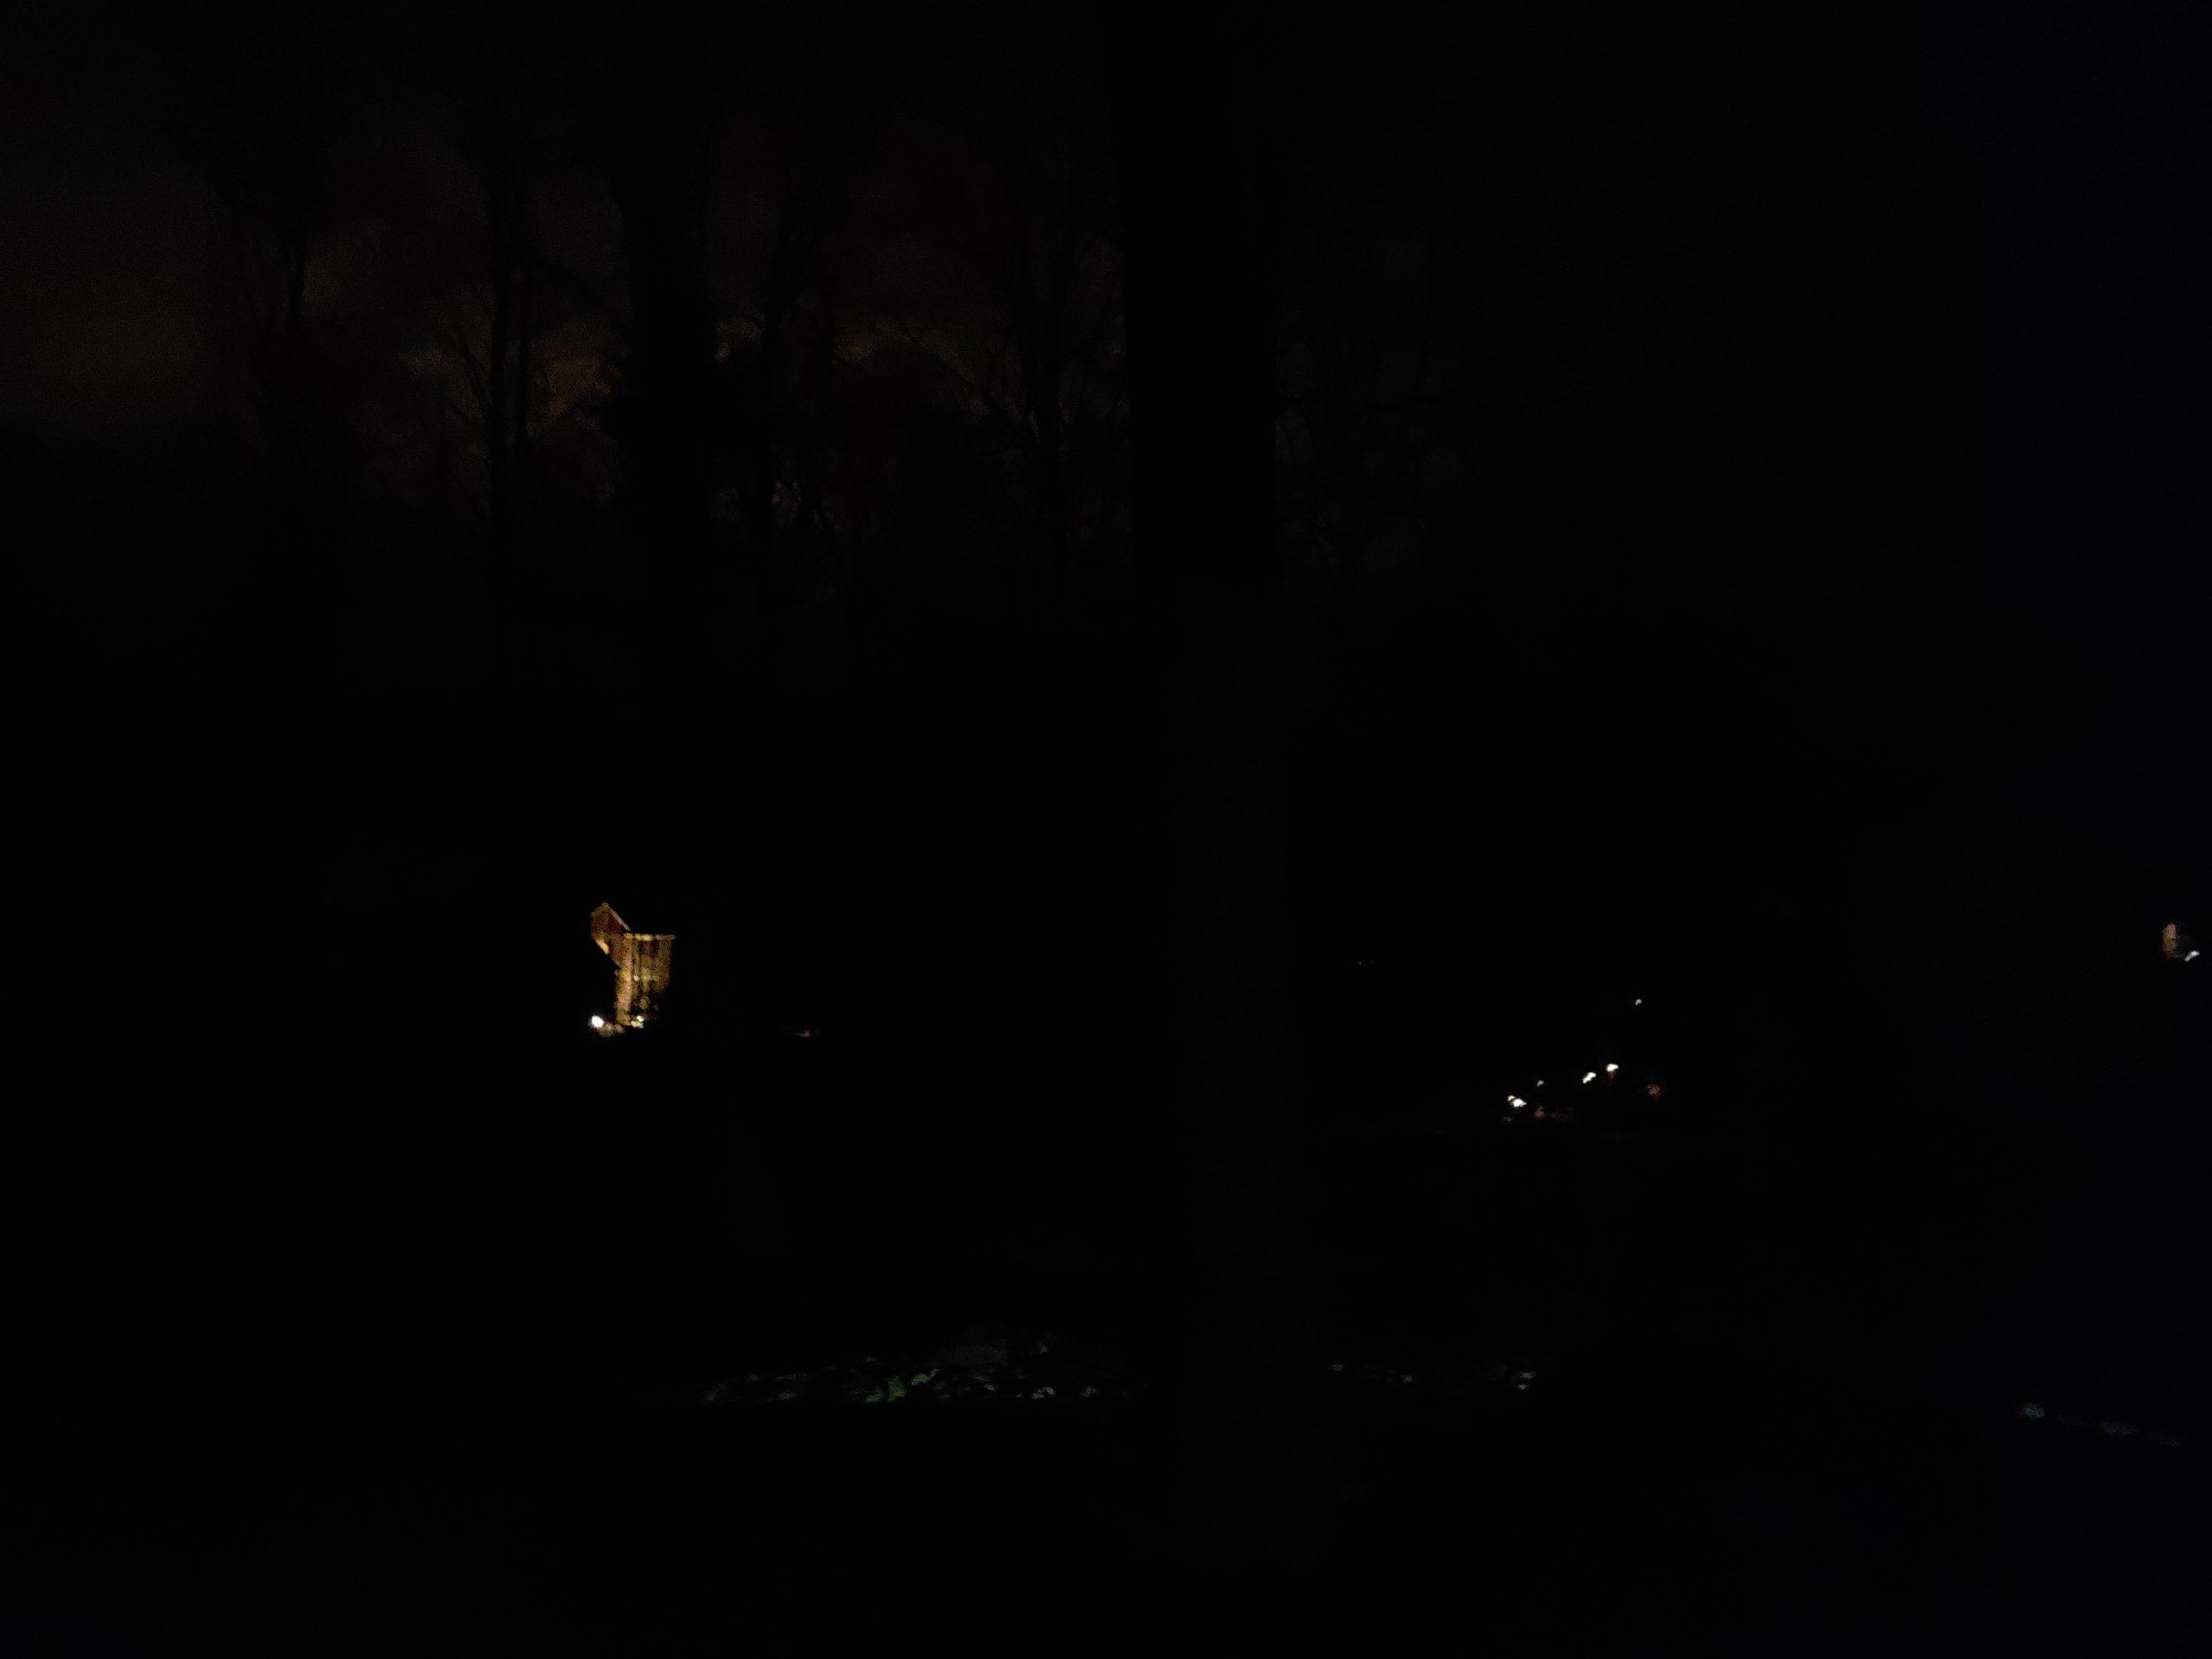 Saratoga Springs needs a landscape lighting designer